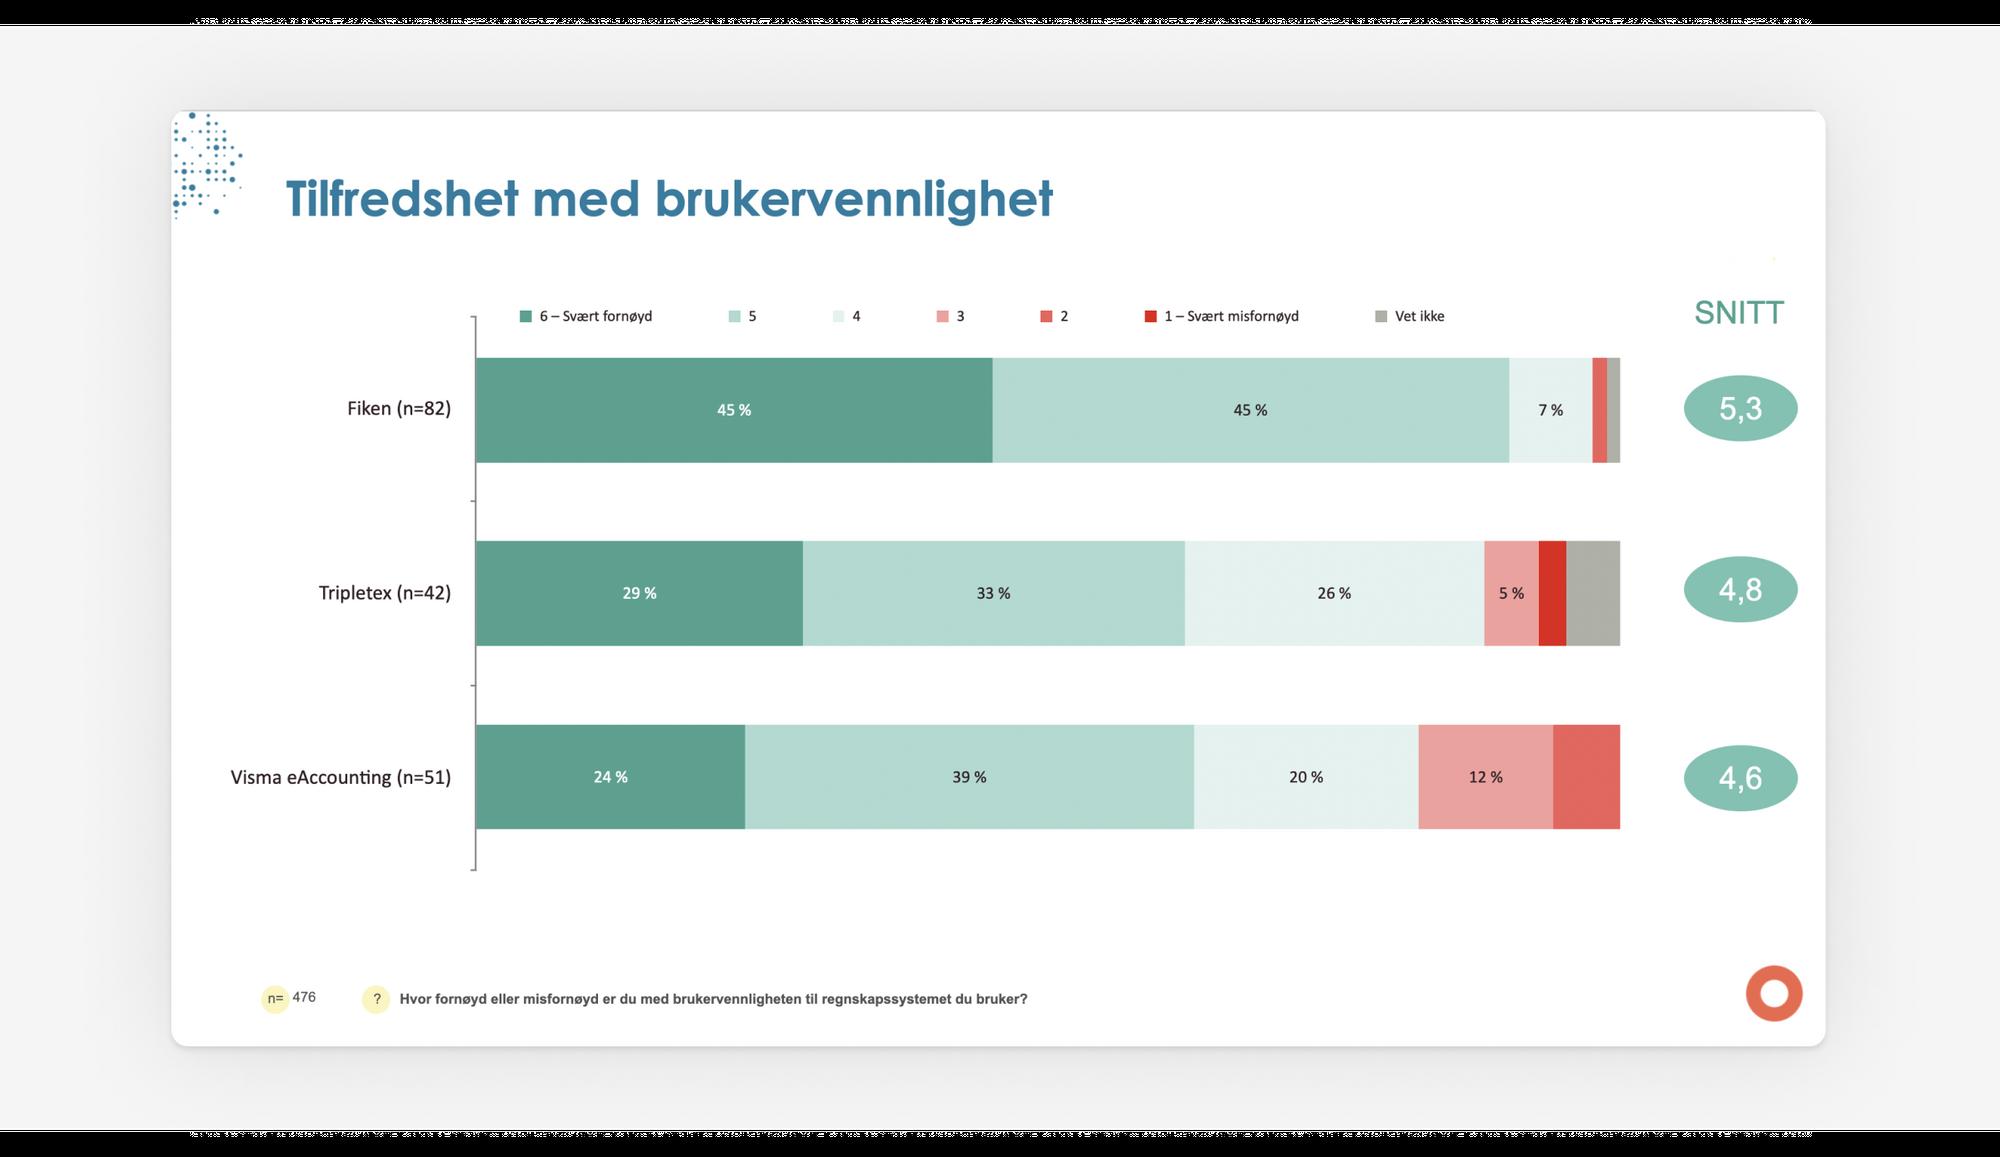 Grafikk som prosentvis viser hvor tilfreds brukerne av Fiken, Tripletex og Visma eAccounting er med brukervennlighet